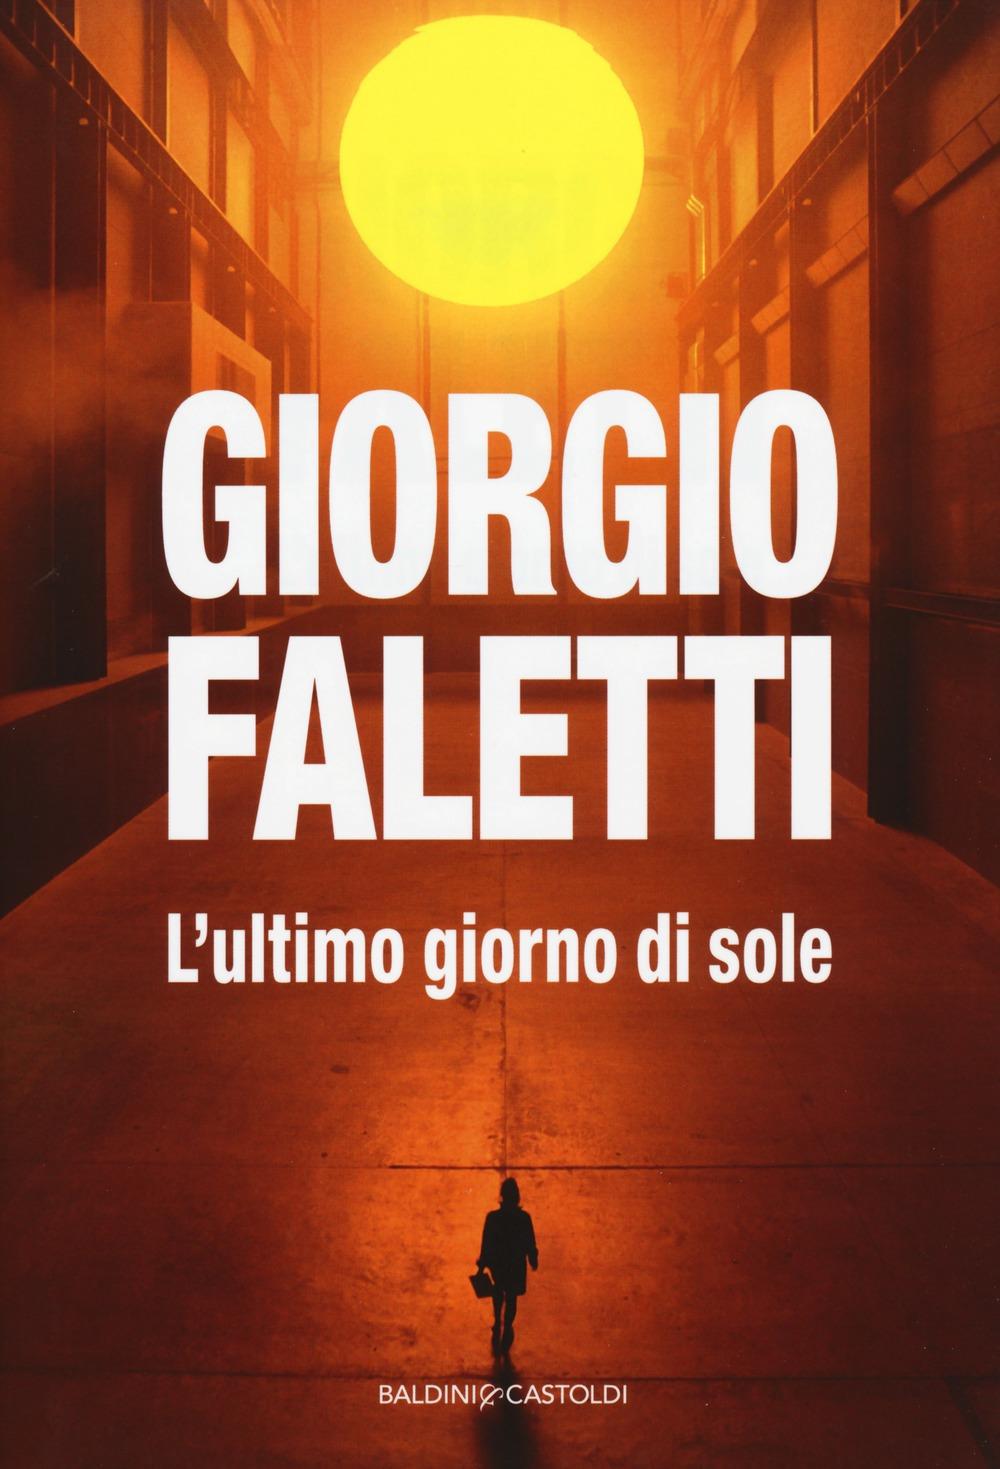 Recensione di L'Ultimo Giorno Di Sole – Giorgio Faletti